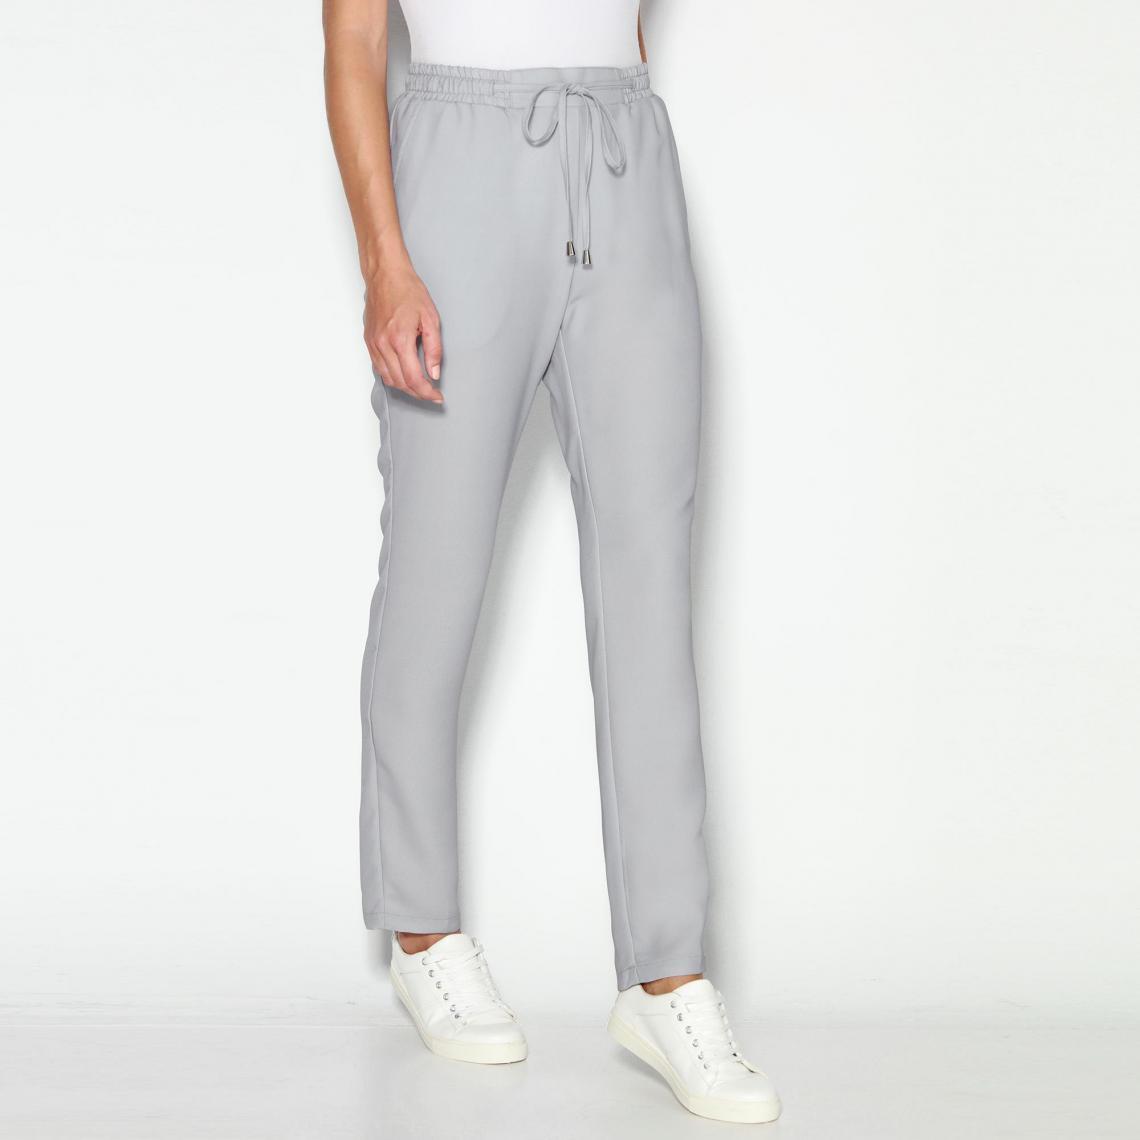 Pantalons larges femme 3 SUISSES Cliquez l image pour l agrandir. Pantalon  uni taille élastique et cordon femme Exclusivité 3SUISSES - Gris Perle ... fce6f68a226